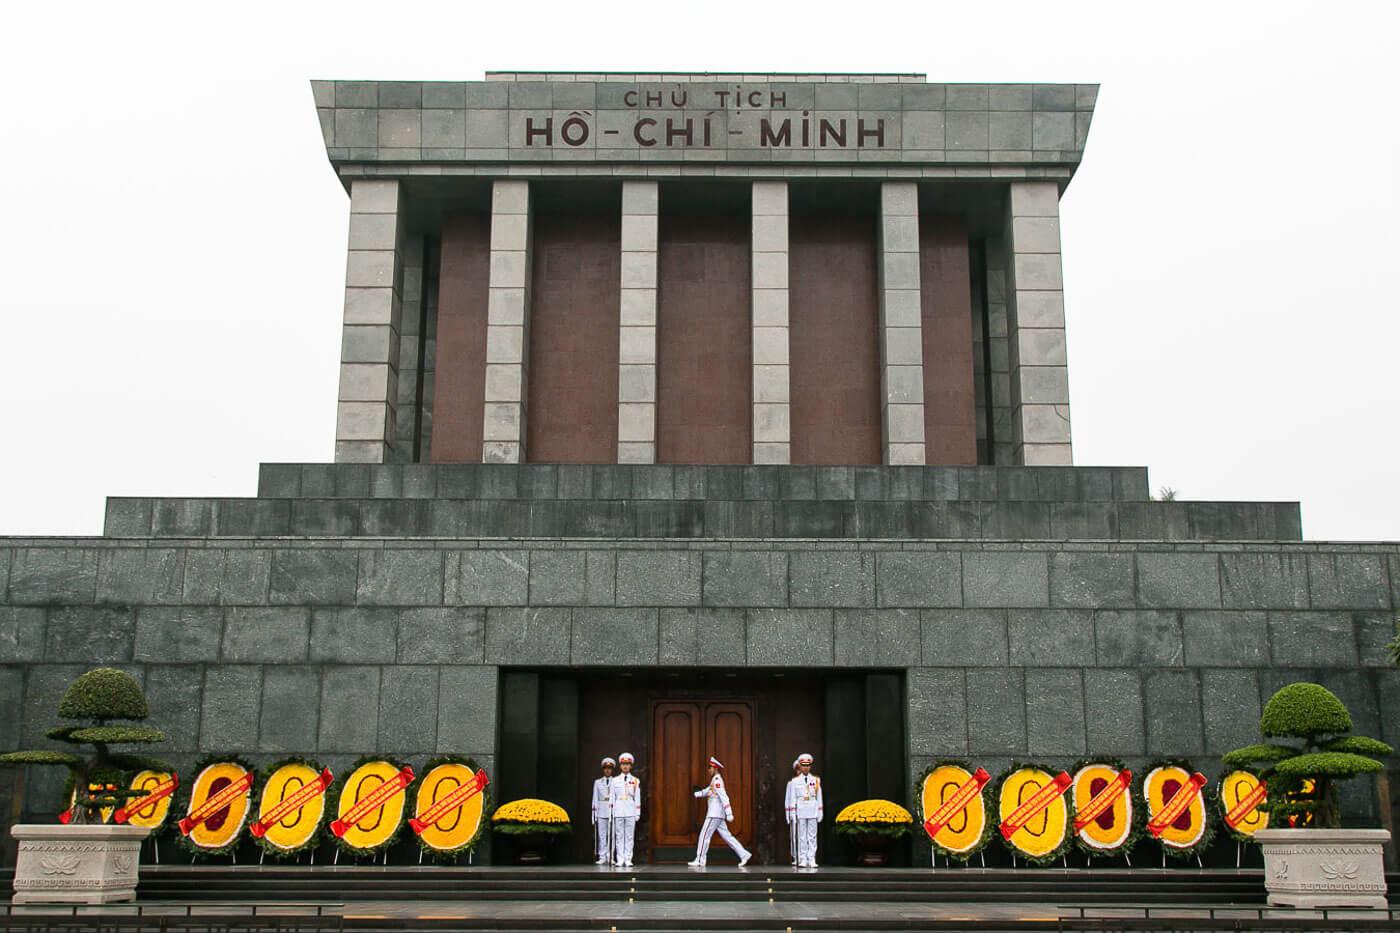 Turismo no Vietna - Hanoi